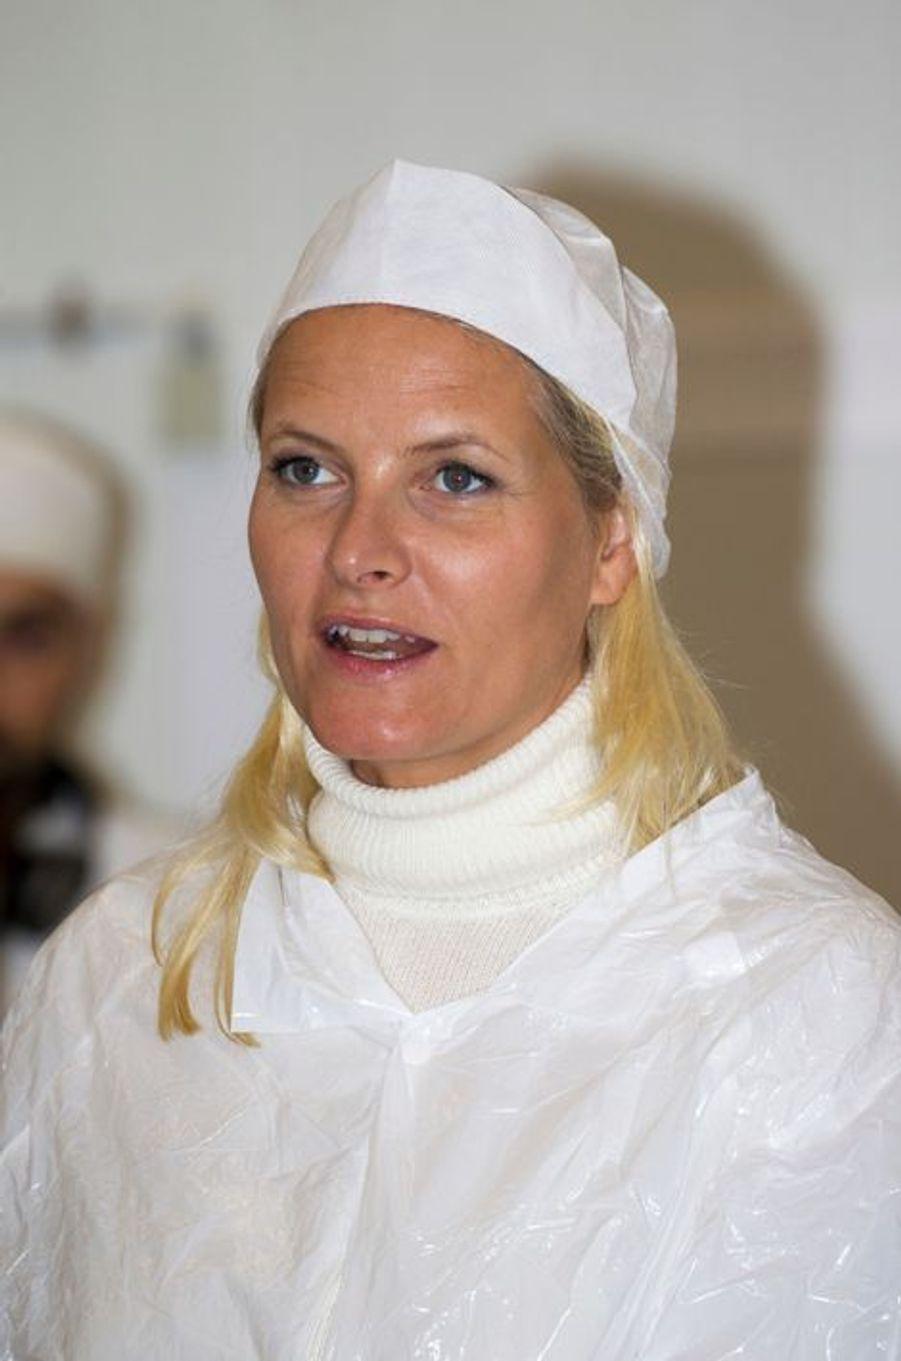 La princesse Mette-Marit de Norvège à Kolbotn, le 15 septembre 2015